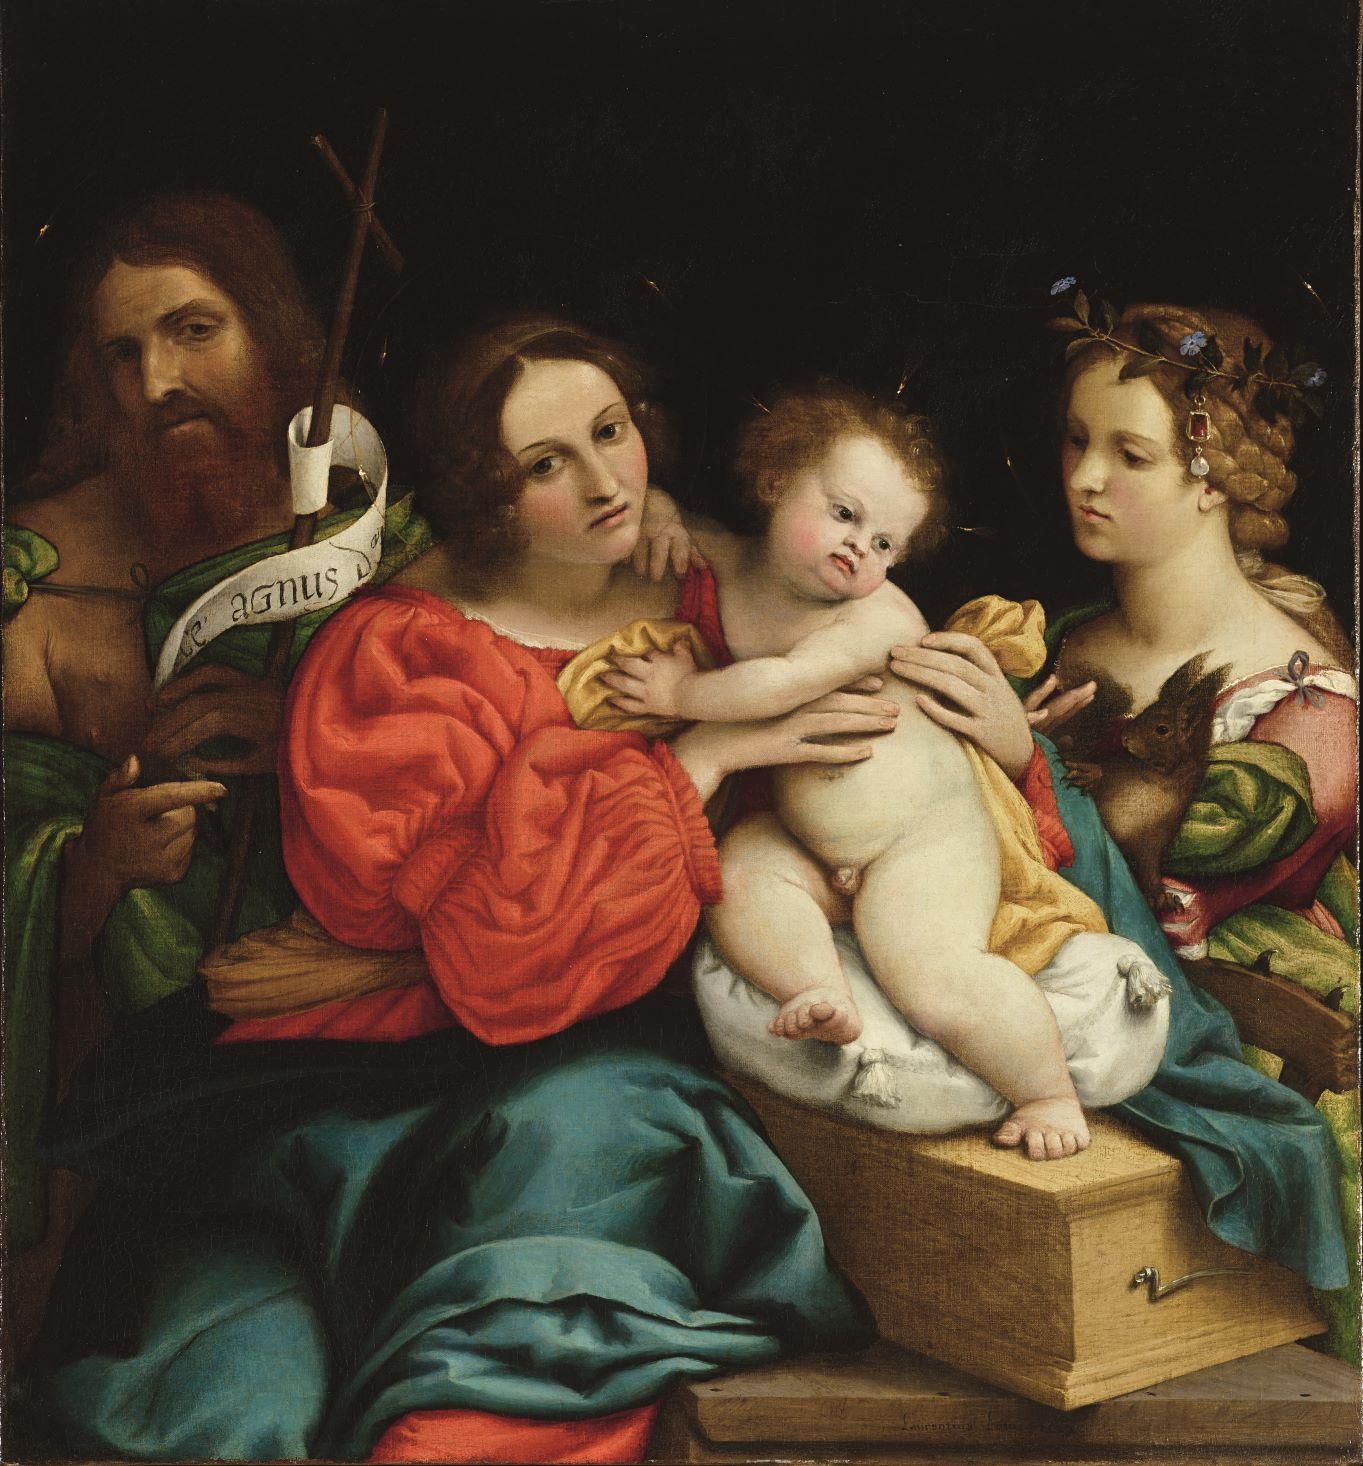 Giovanni Frangi legge Lorenzo Lotto in un polittico contemporaneo. A Lecco in scena qualcosa di più che una mostra, intervista